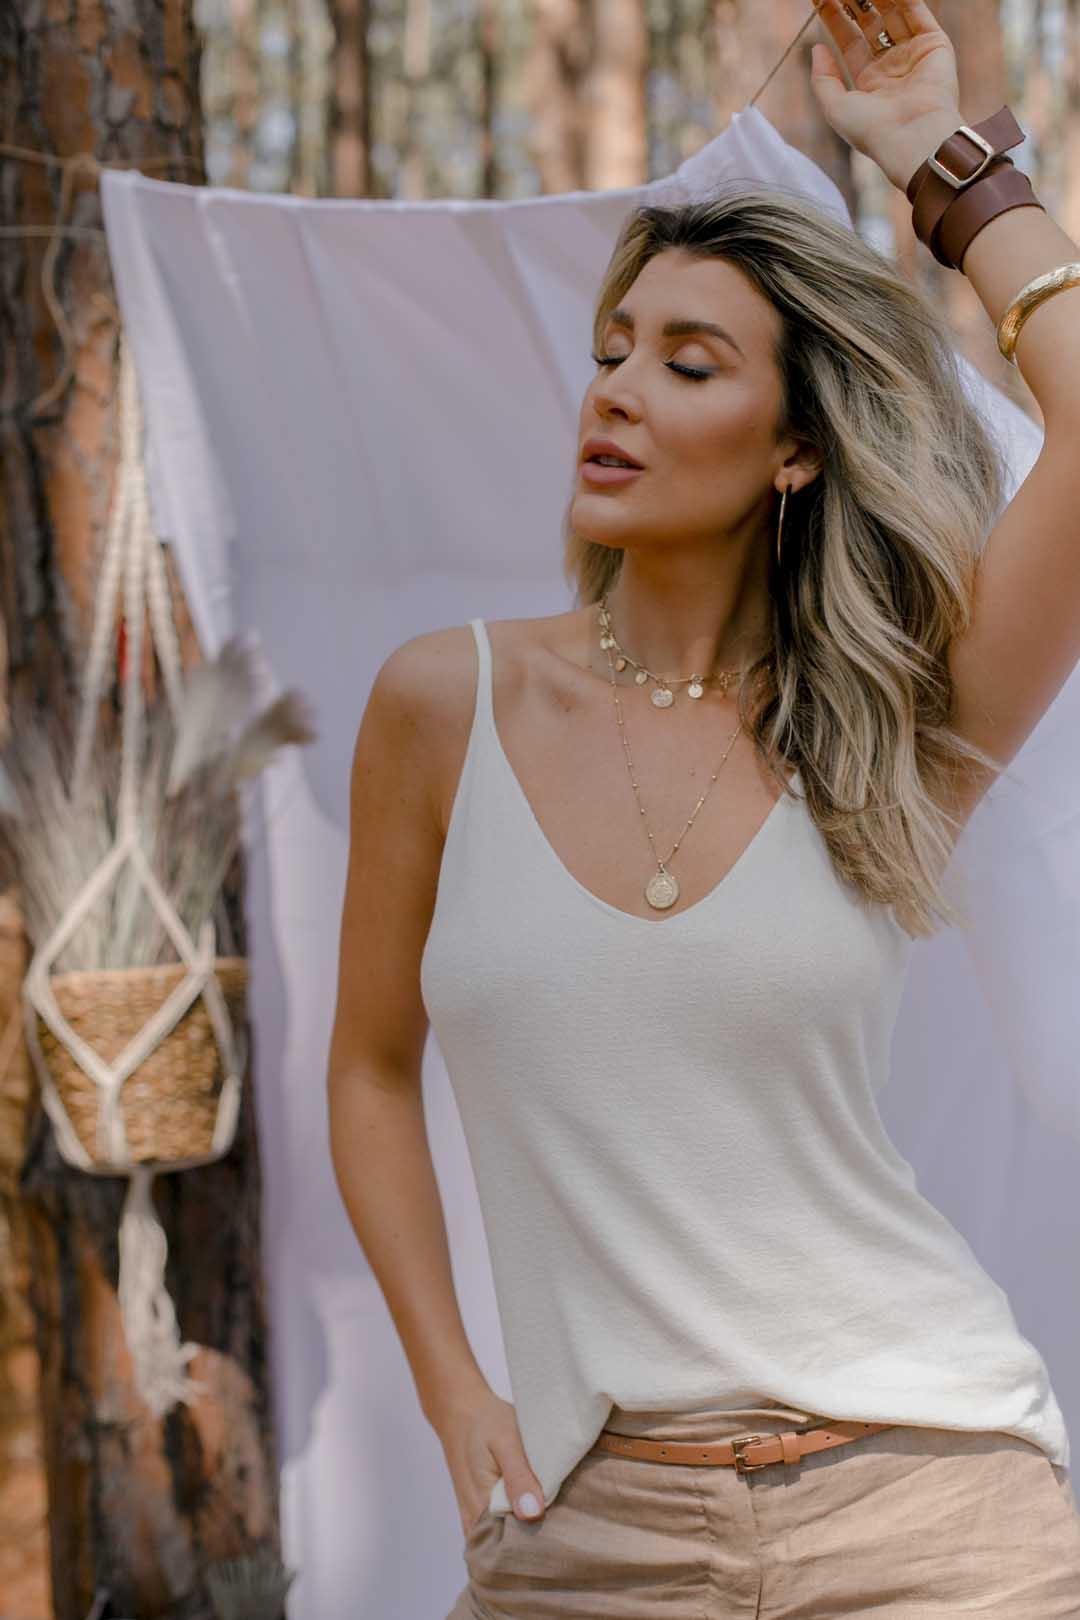 Blusa Regata Dalia Decote V Tricot Feminino Areia